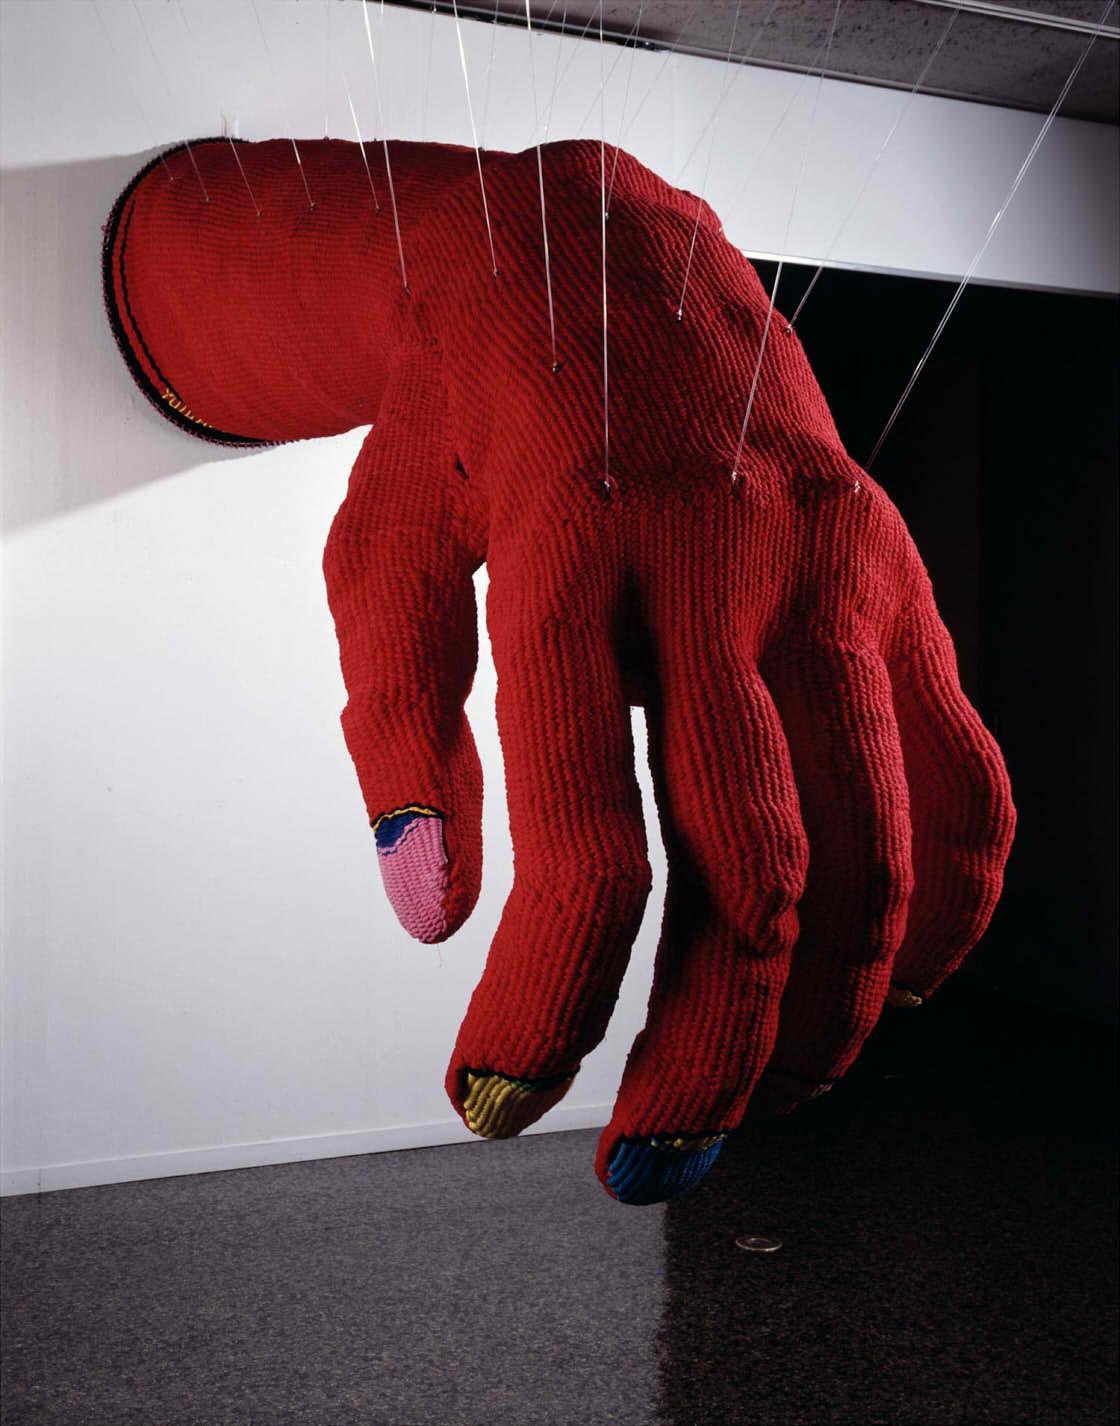 小名⽊陽一《赤い手ぶくろ》1976年 東京国⽴近代美術館蔵